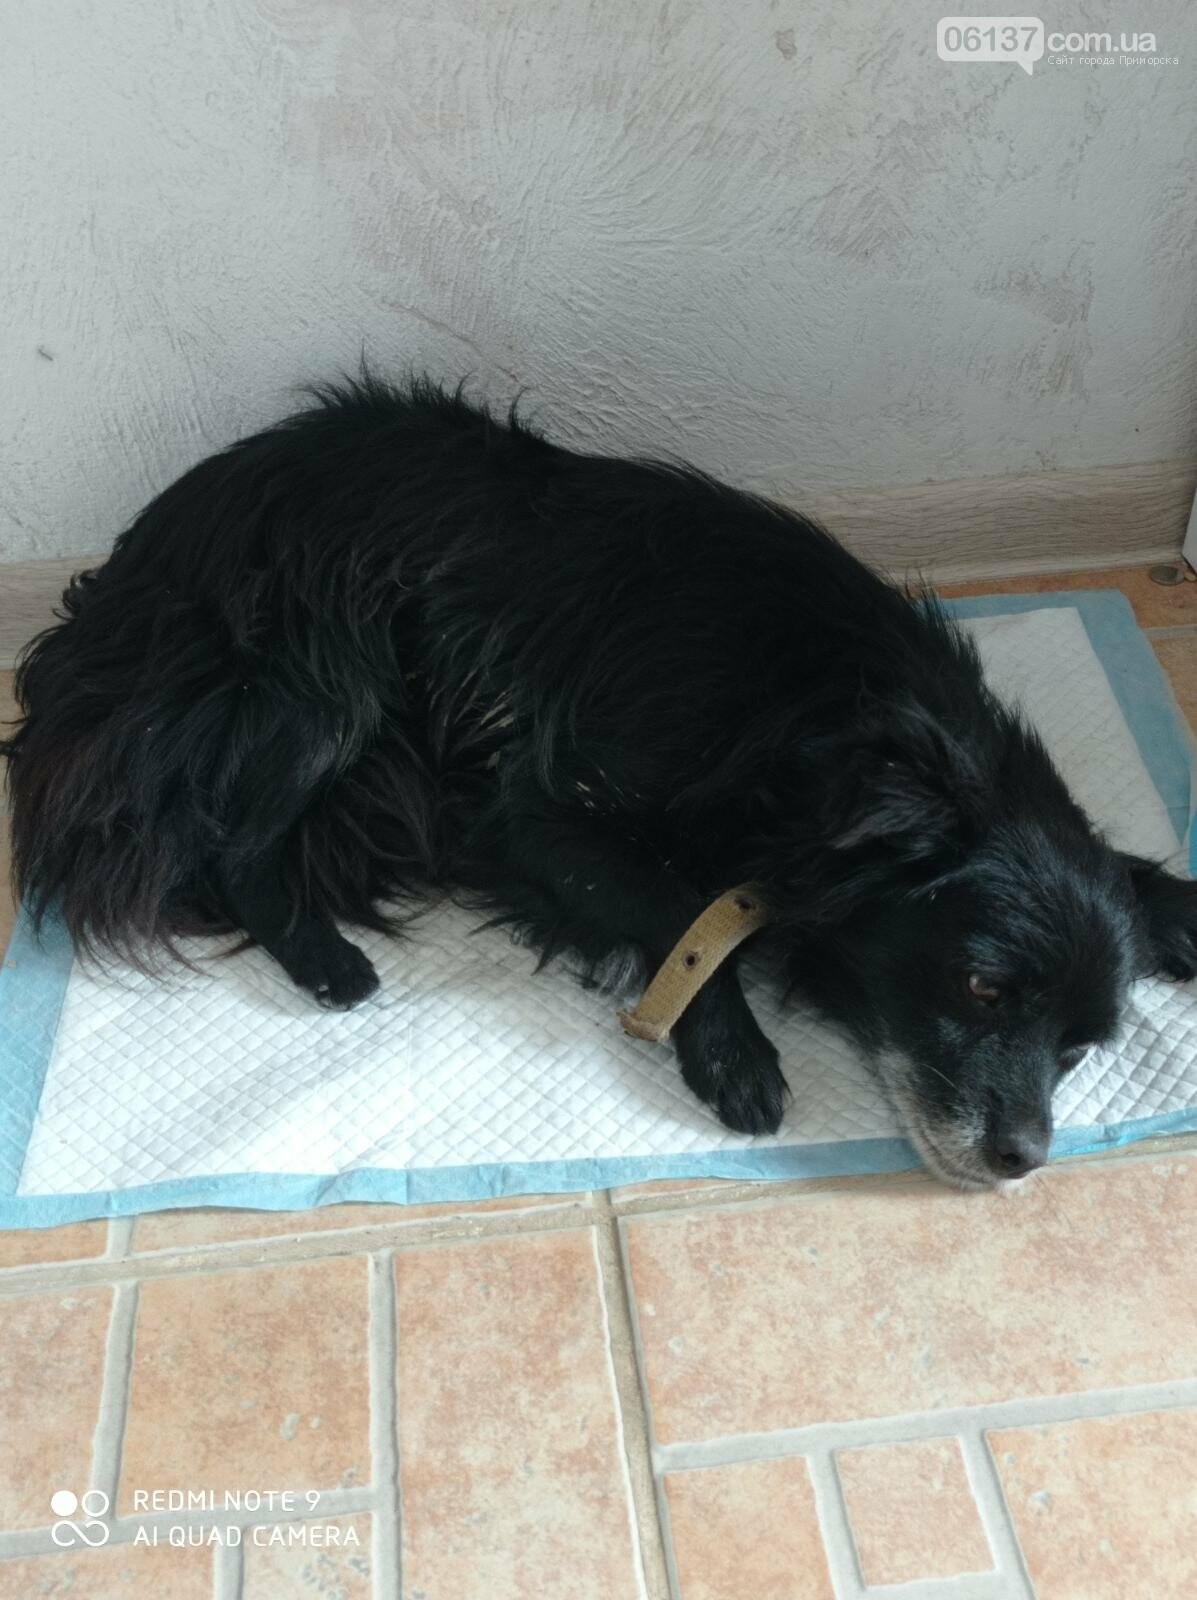 Сегодня  утром в Приморске неизвестный стрелял в собаку, фото-1